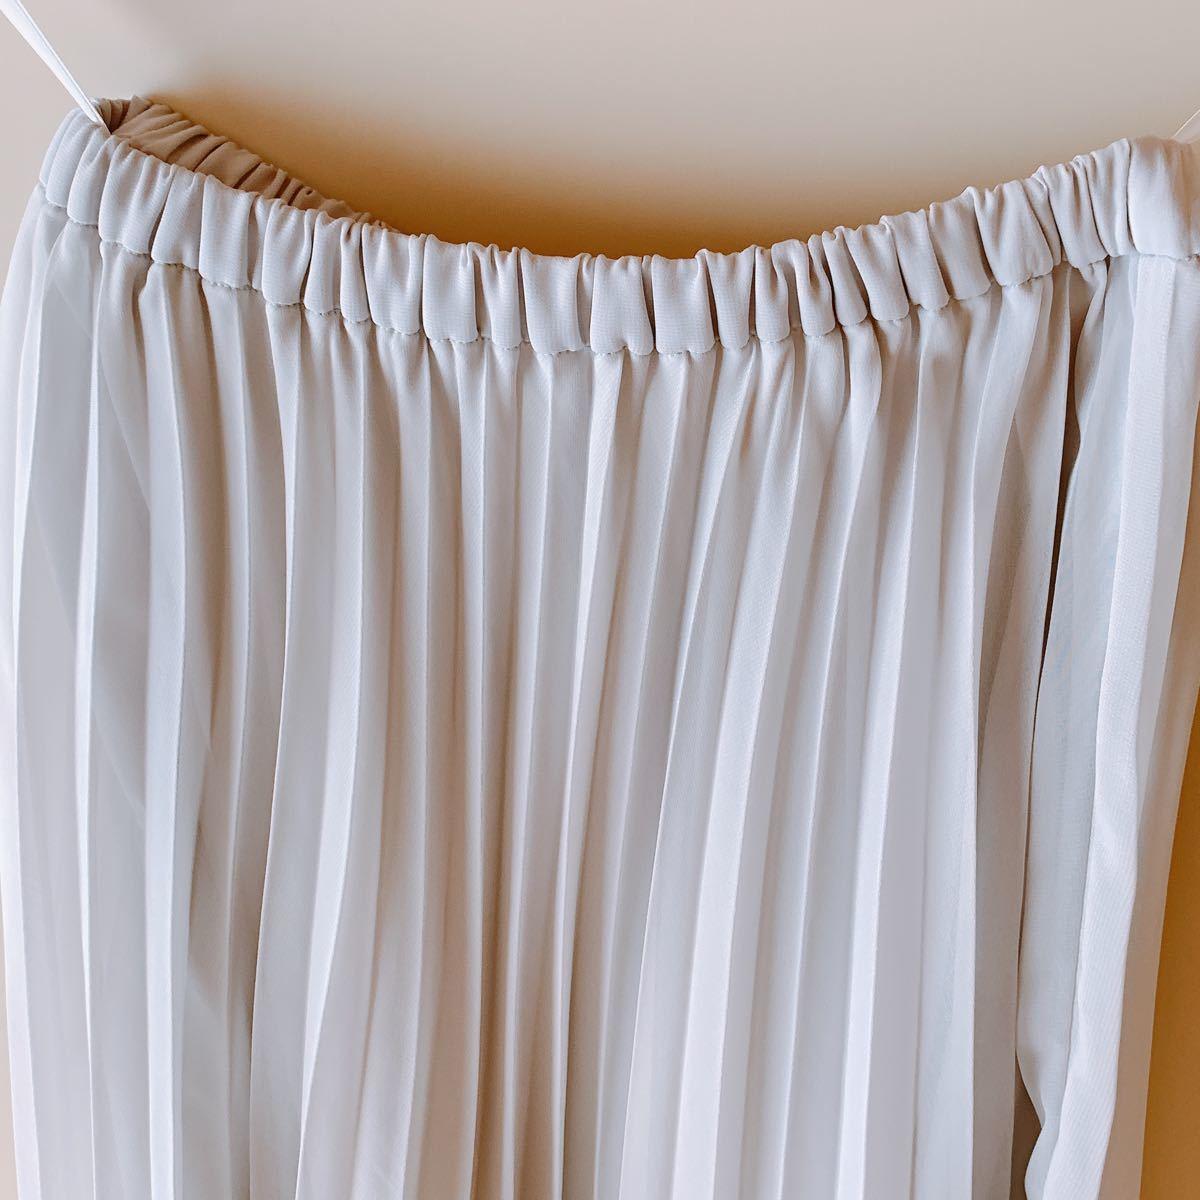 プリーツスカート ロングスカート チュールスカート マキシ丈